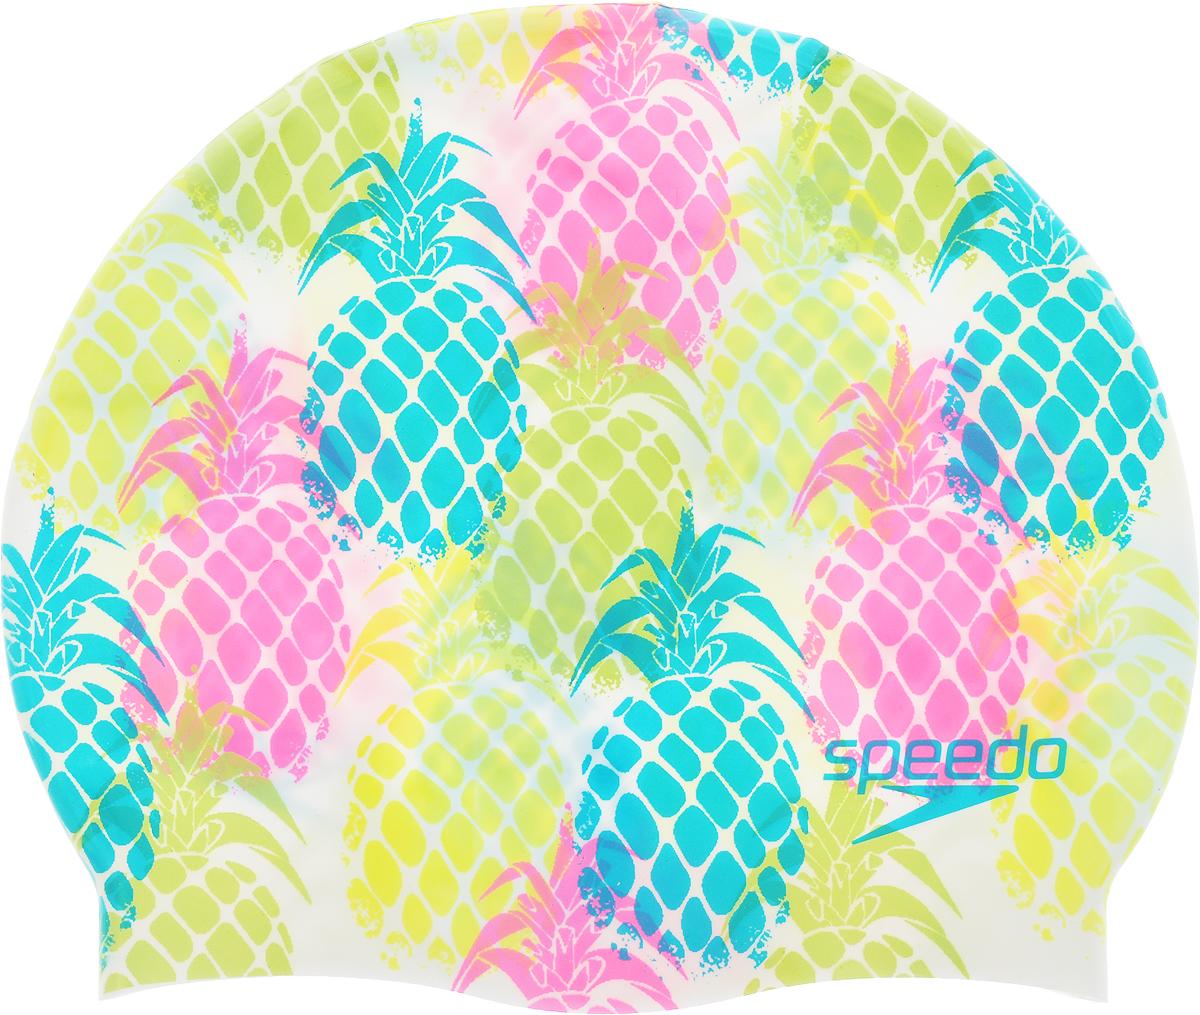 Шапочка для плавания Speedo Slogan Print Cap, цвет: желтый, голубой, розовый8-08385A700_желтый, голубой, розовыйЯркая шапочка Speedo Slogan Print Cap обеспечивает плотное прилегание и полную защиту от попадания воды. Отлично подойдет для тренировок в бассейне. Шапочка выполнена из высококачественного силикона.